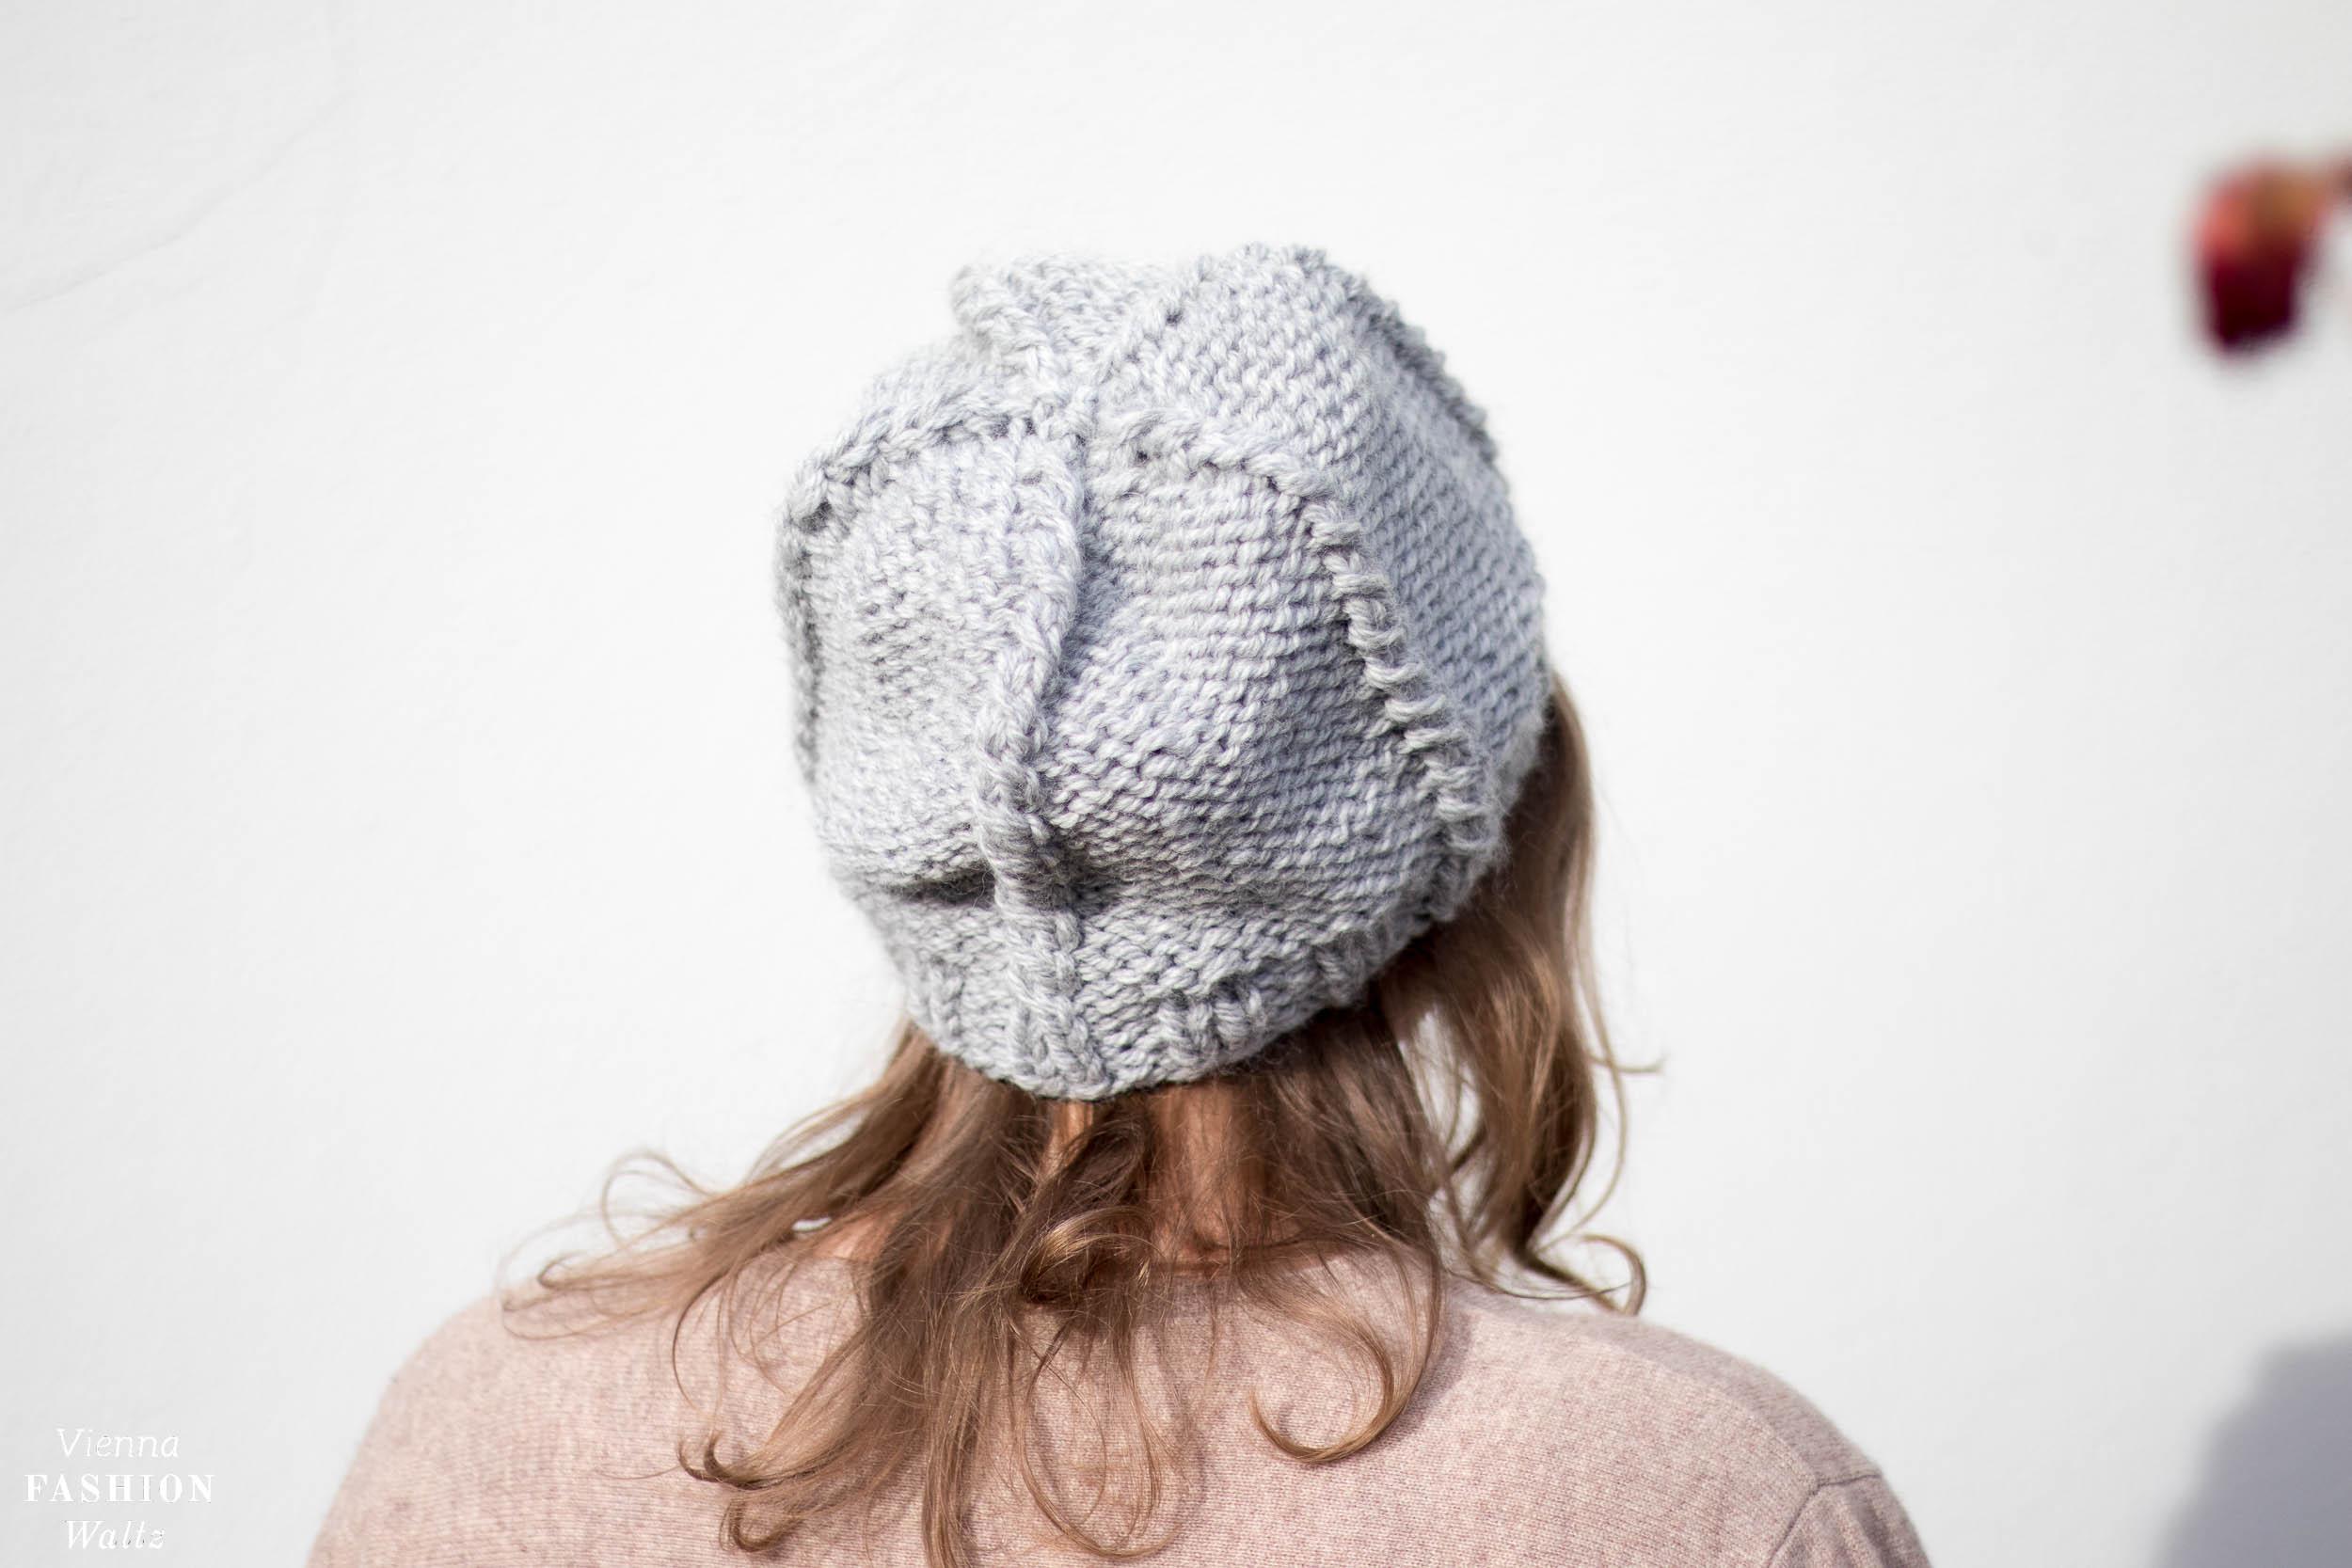 Mütze mit Zopfmuster stricken, Kostenlose Strickanleitung, Selbermachen, Stricken mit Wolle, Anleitung